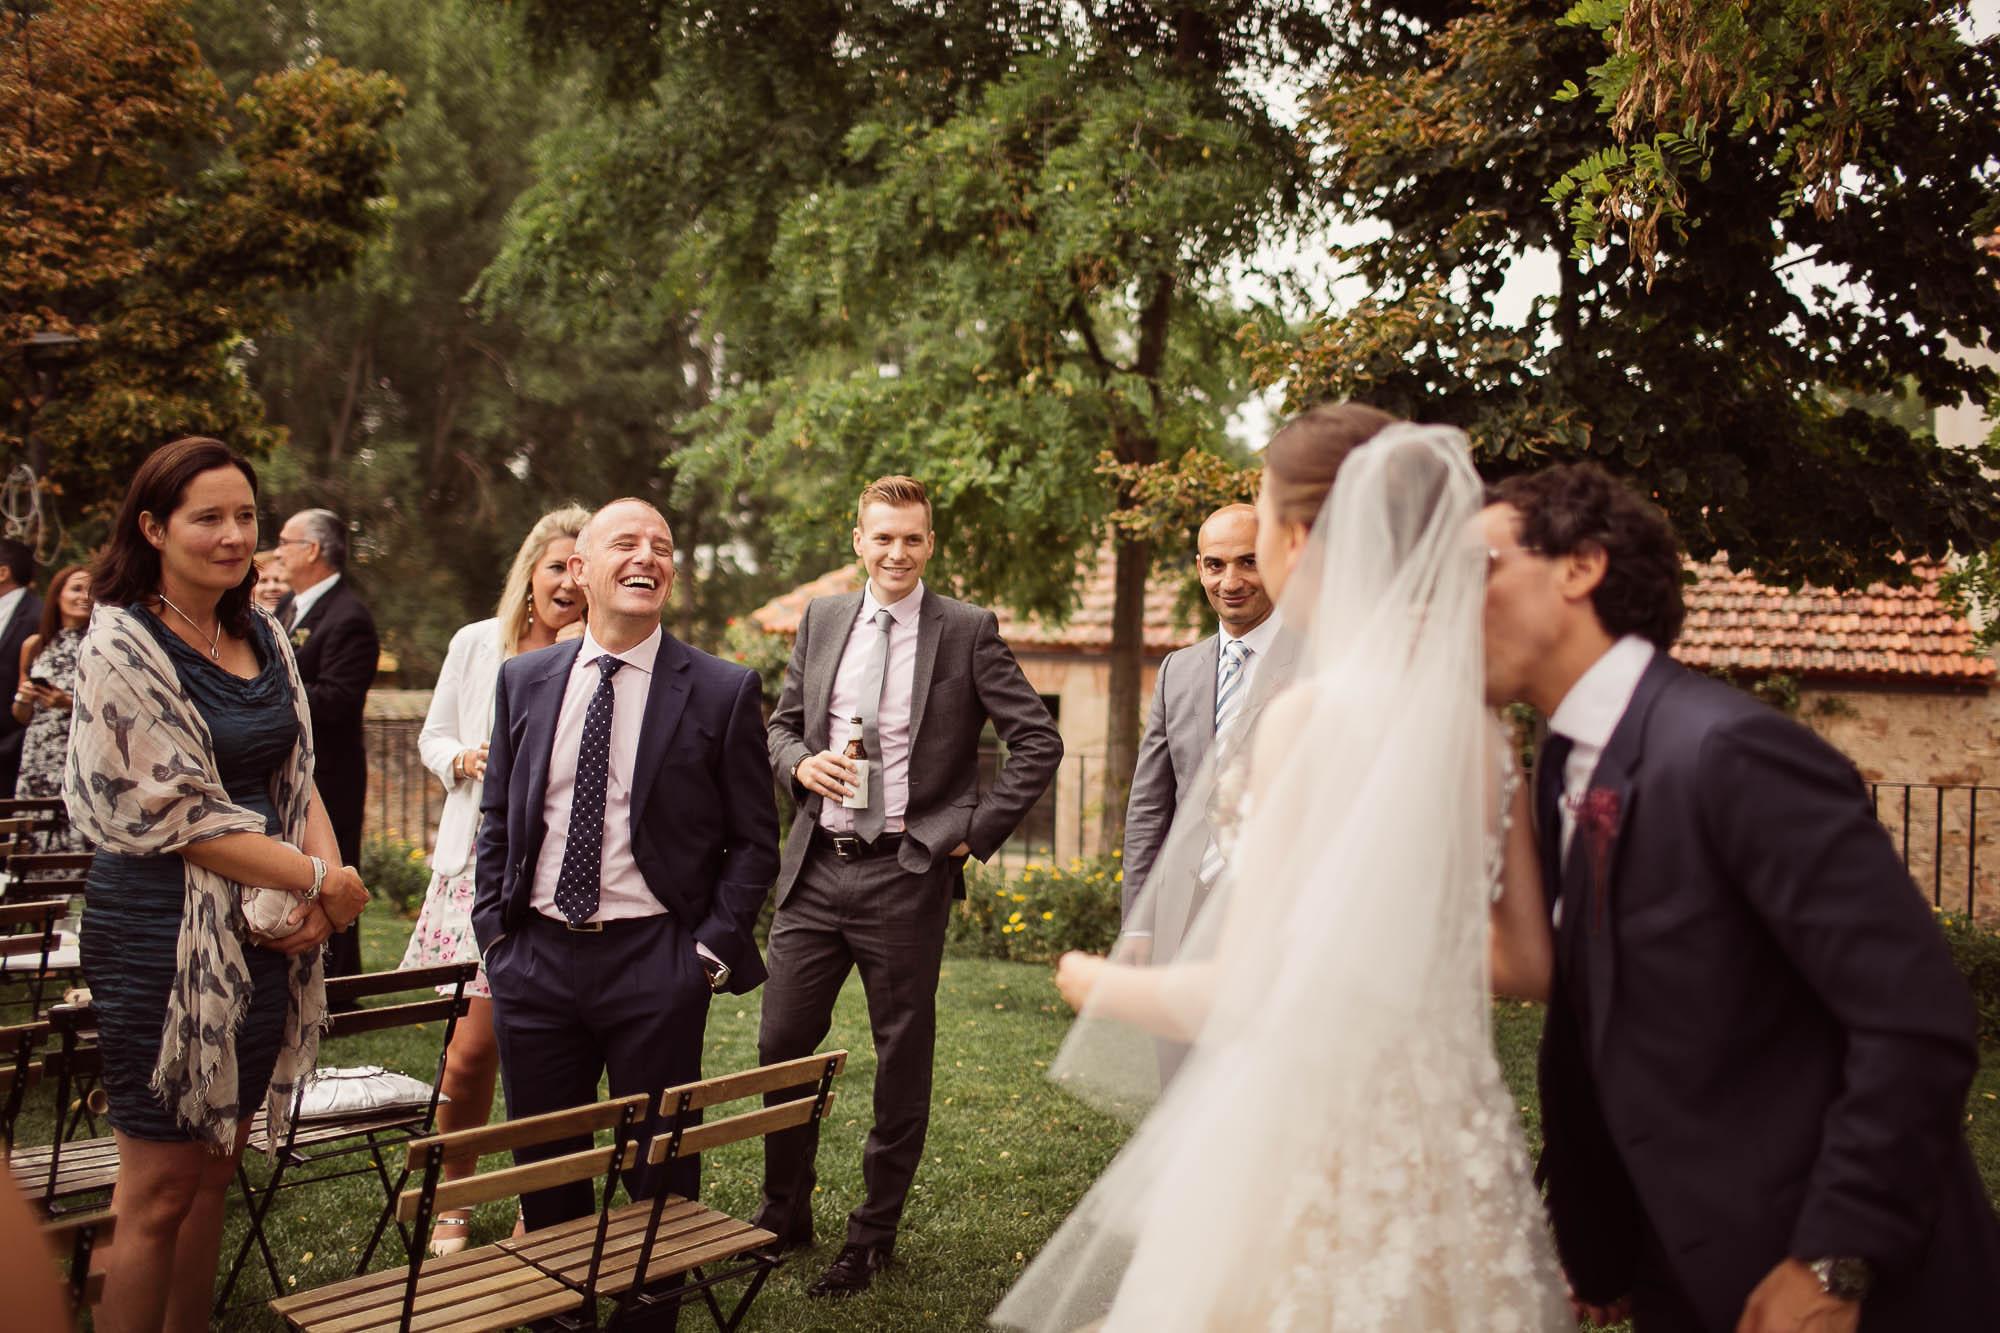 Los novios saludan a los invitados después de la ceremonia